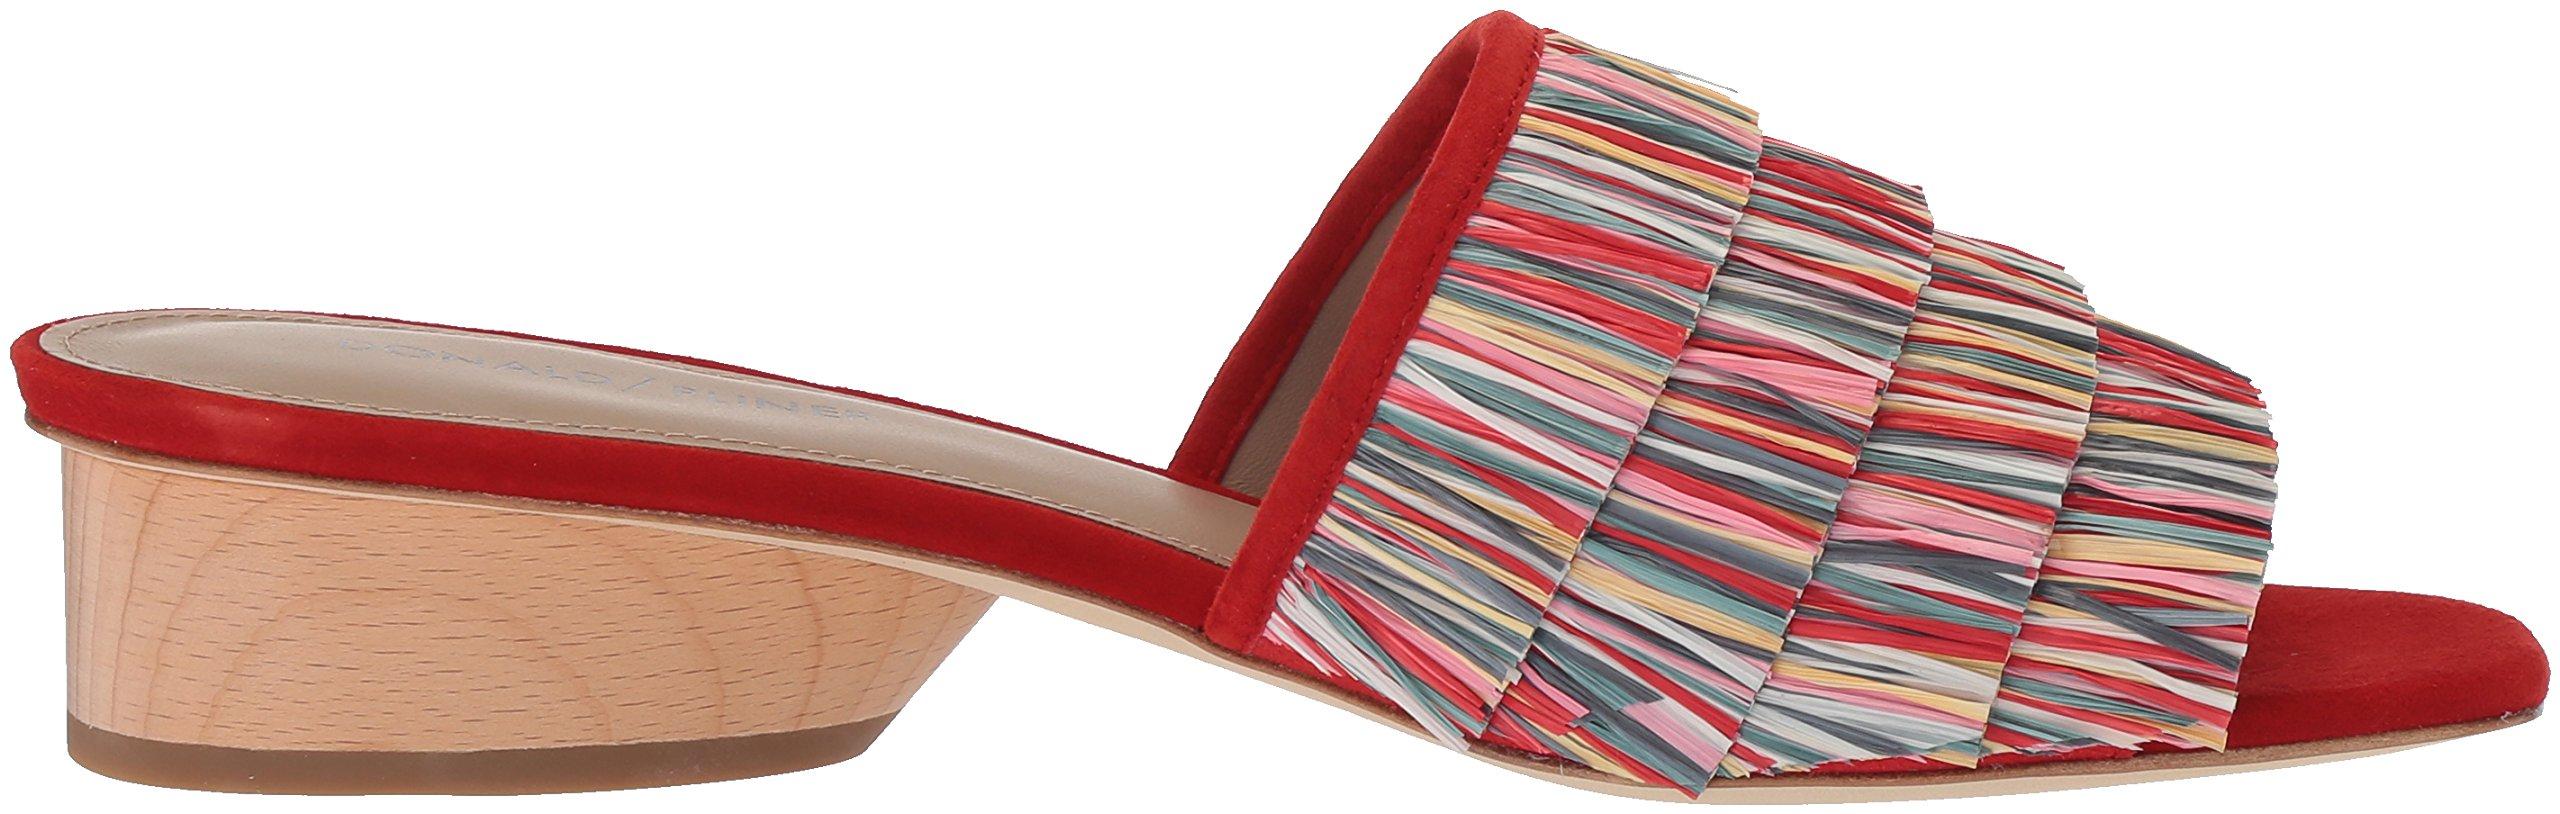 Donald J Pliner Women's Reise Slide Sandal, Red/Multi, 9 Medium US by Donald J Pliner (Image #7)